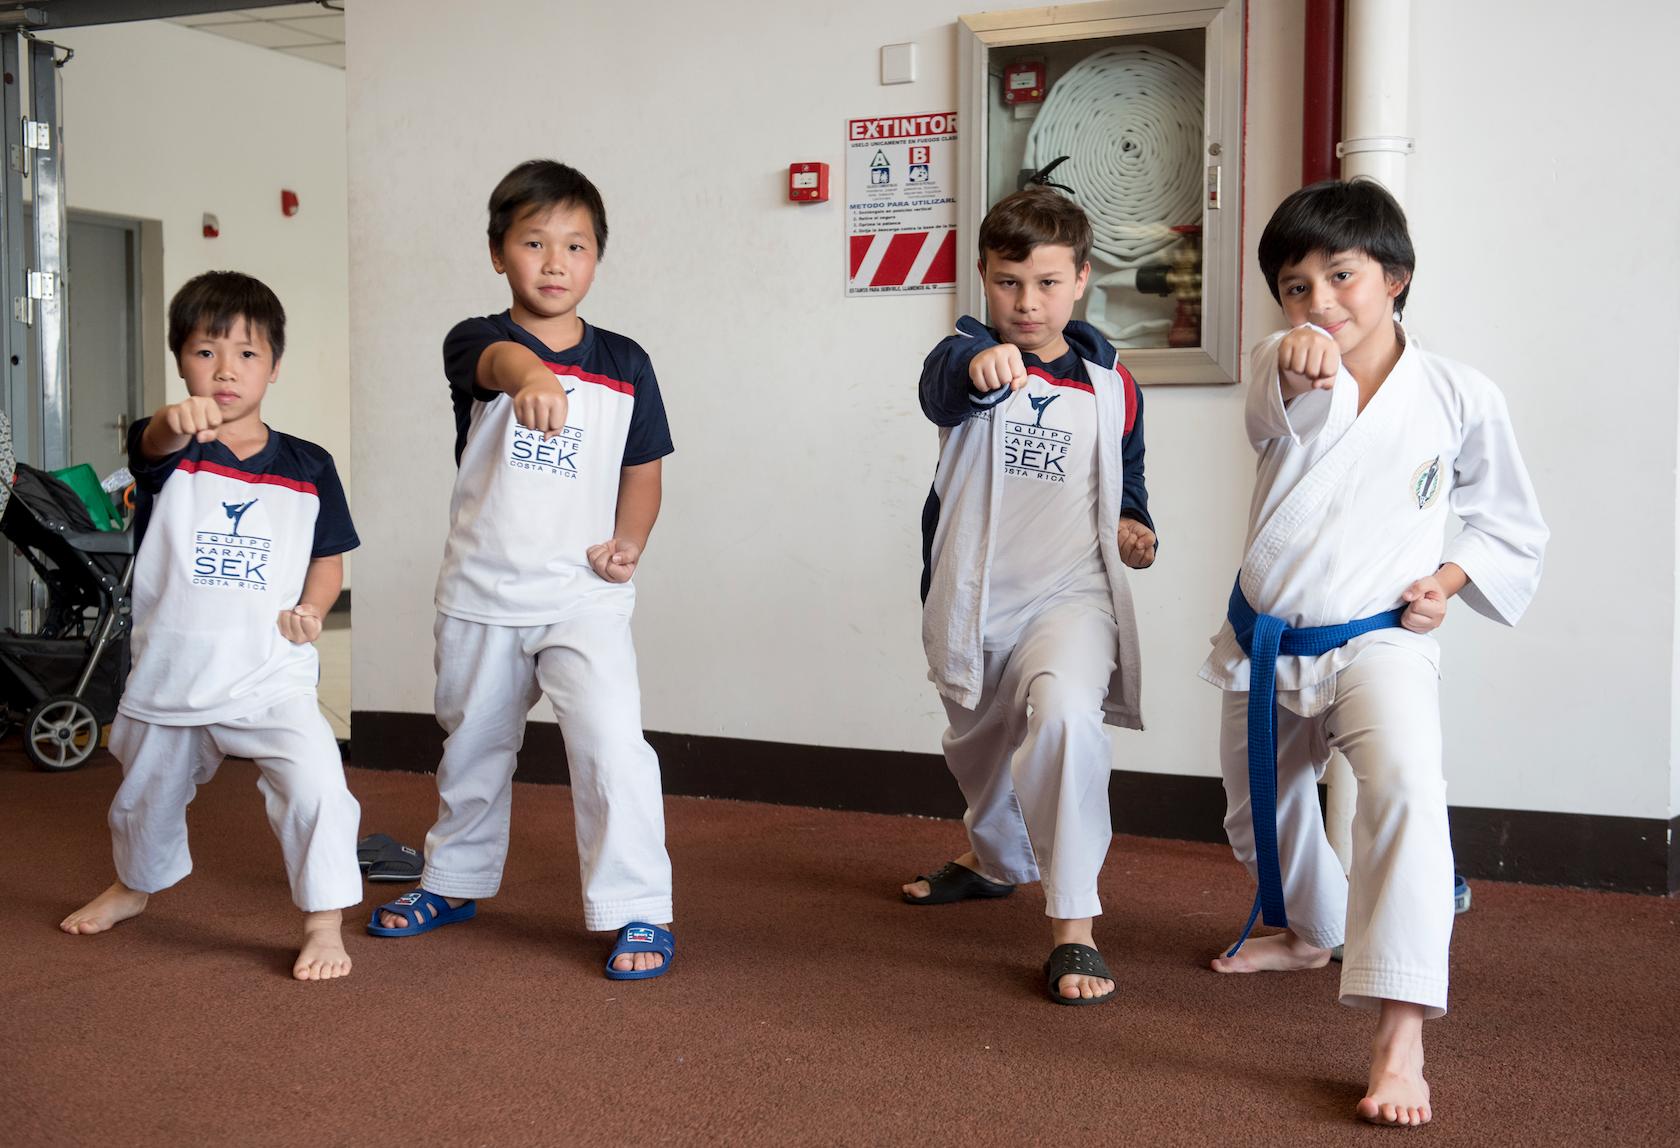 Estudiantes de karate del Colegio Internacional SEK se presentaron durante la Feria de Colegios de EKA. Estas presentaciones permiten a otras familias conocer más allá de la oferta académica.